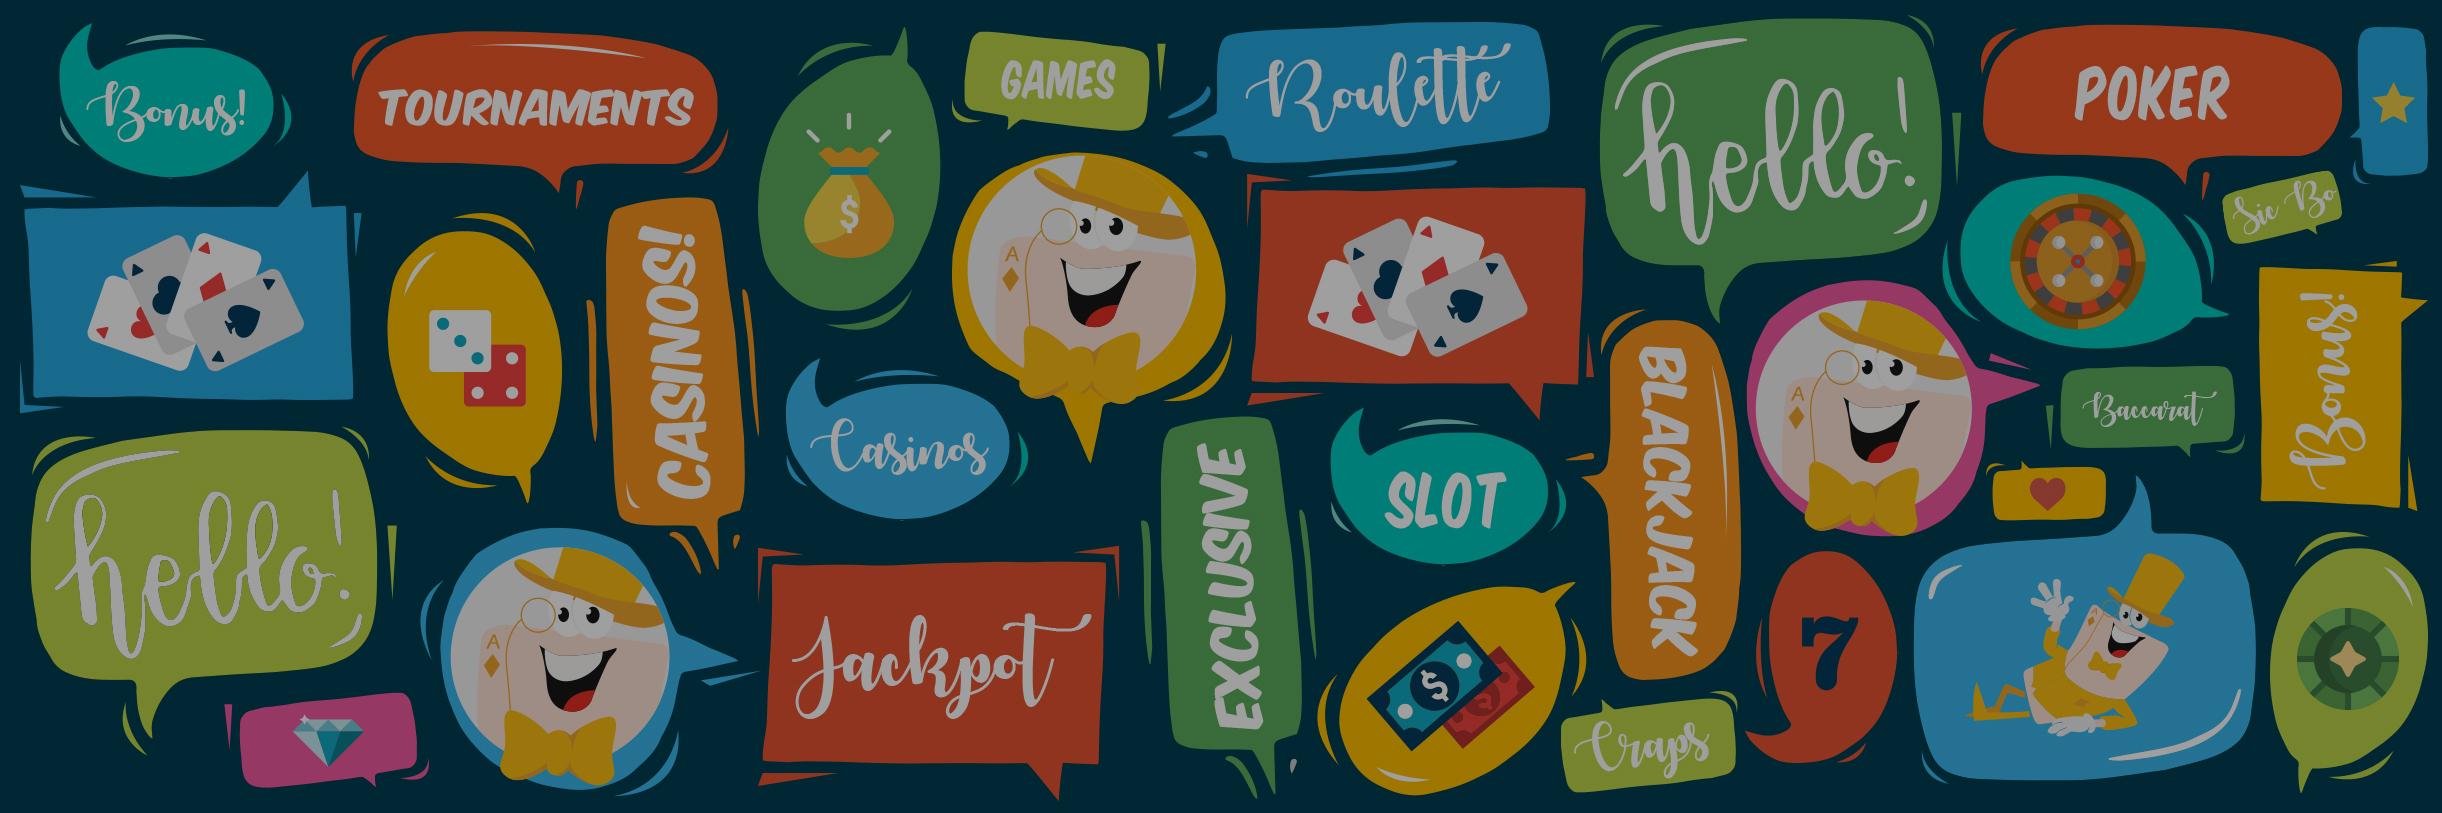 Mobile casino no deposit bonus 2015 deutsch starcraft poker defense merge list